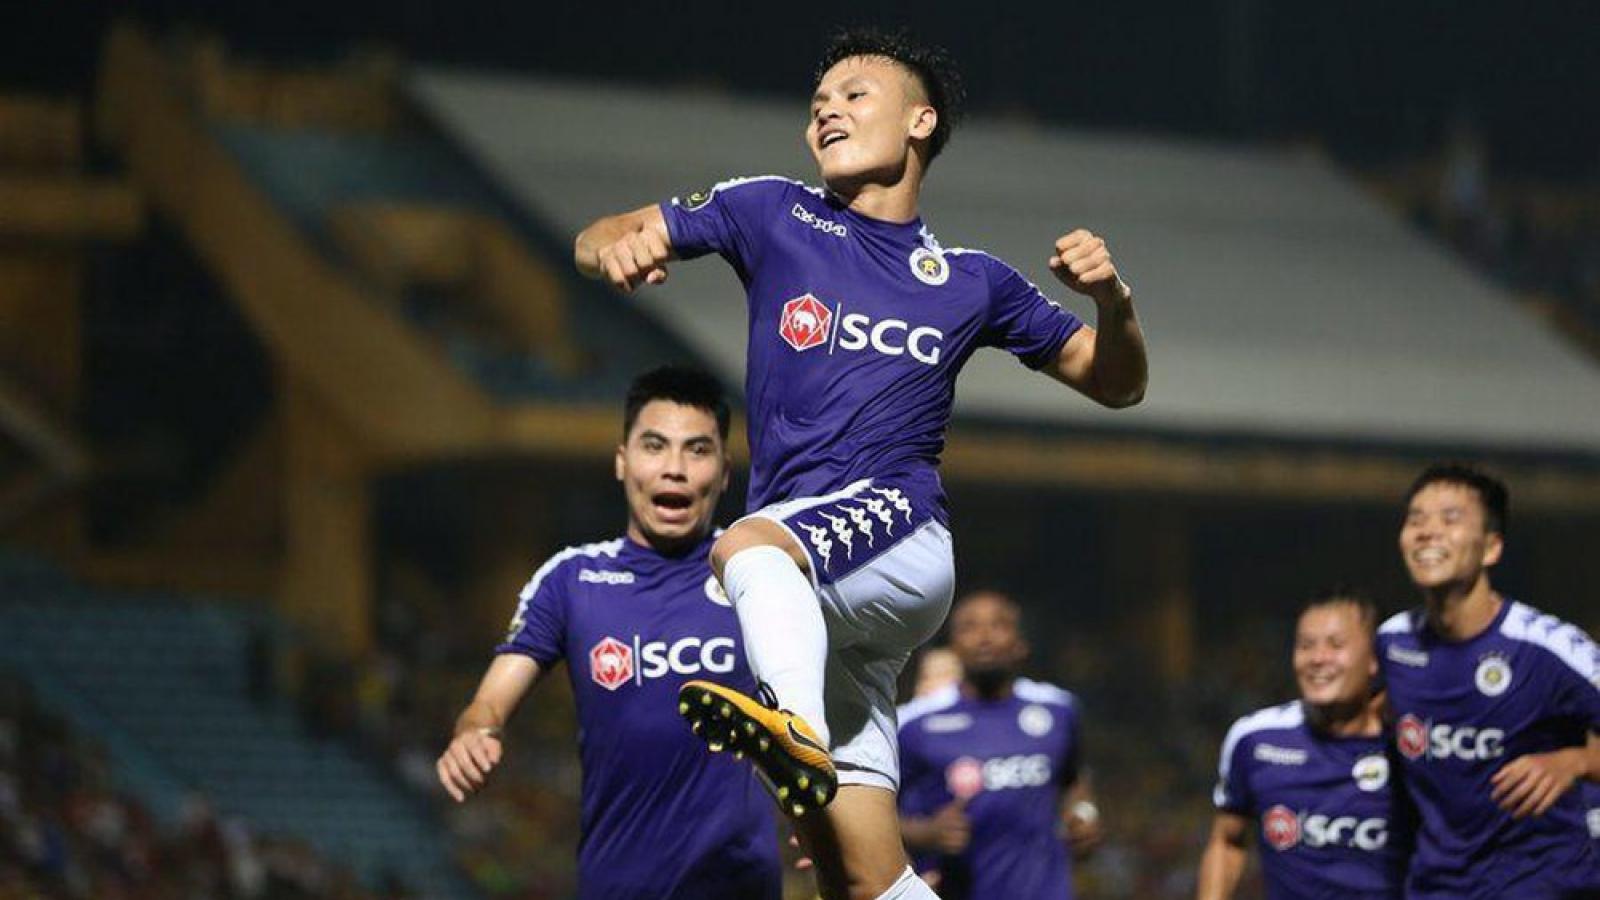 Quang Hải trở lại đội hình Hà Nội FC sau 2 trận liên tiếp làm khán giả?